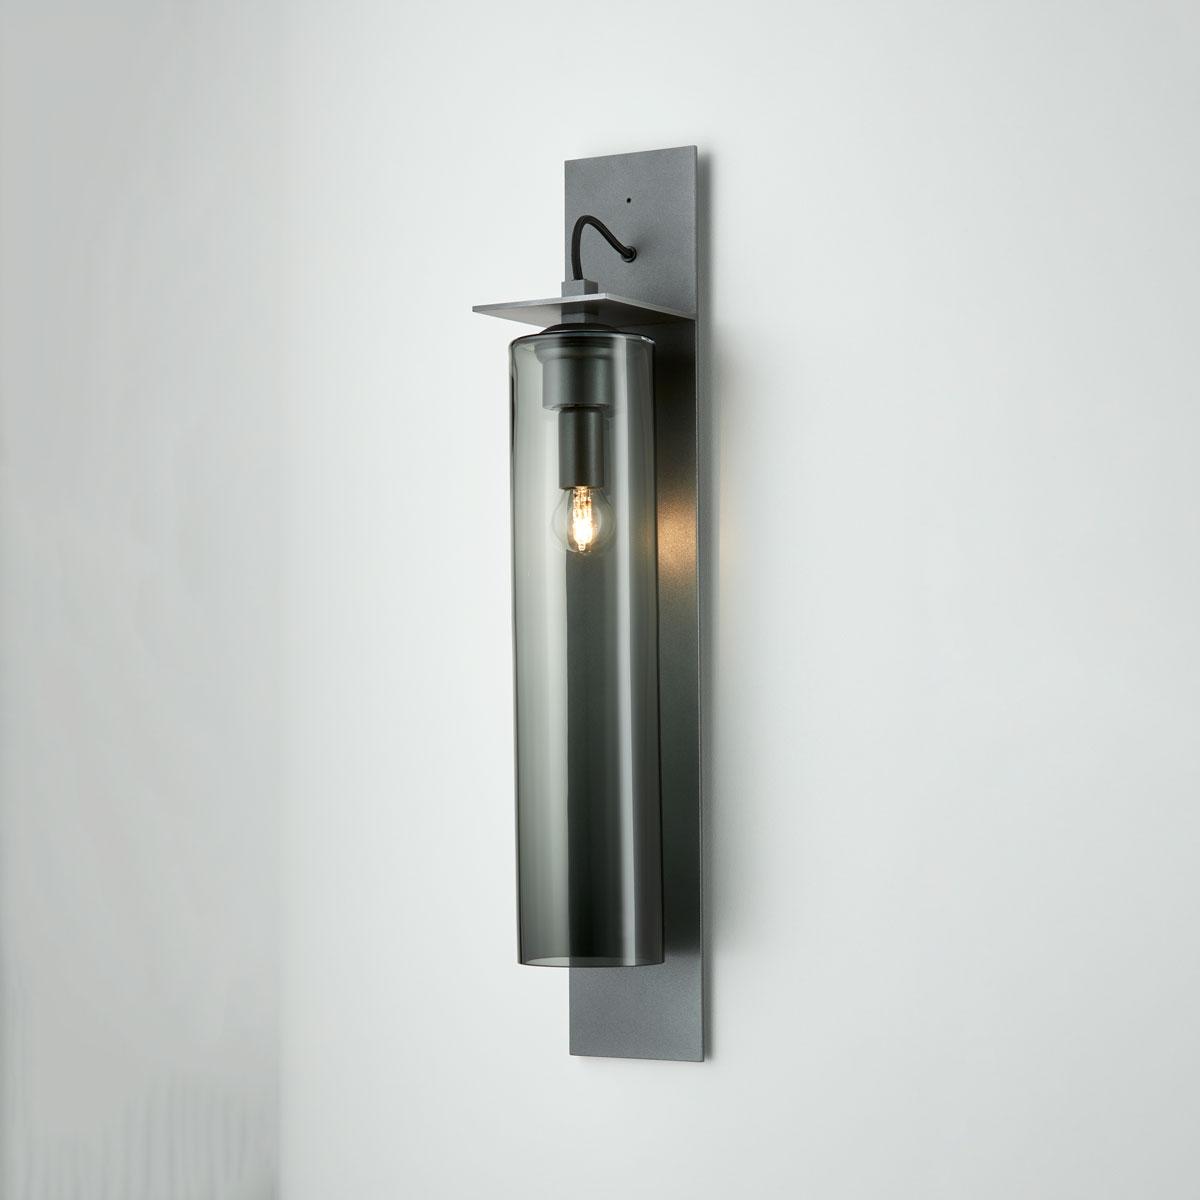 Articolo lighting eclipse wall sconce tall grey articolo black black flex on